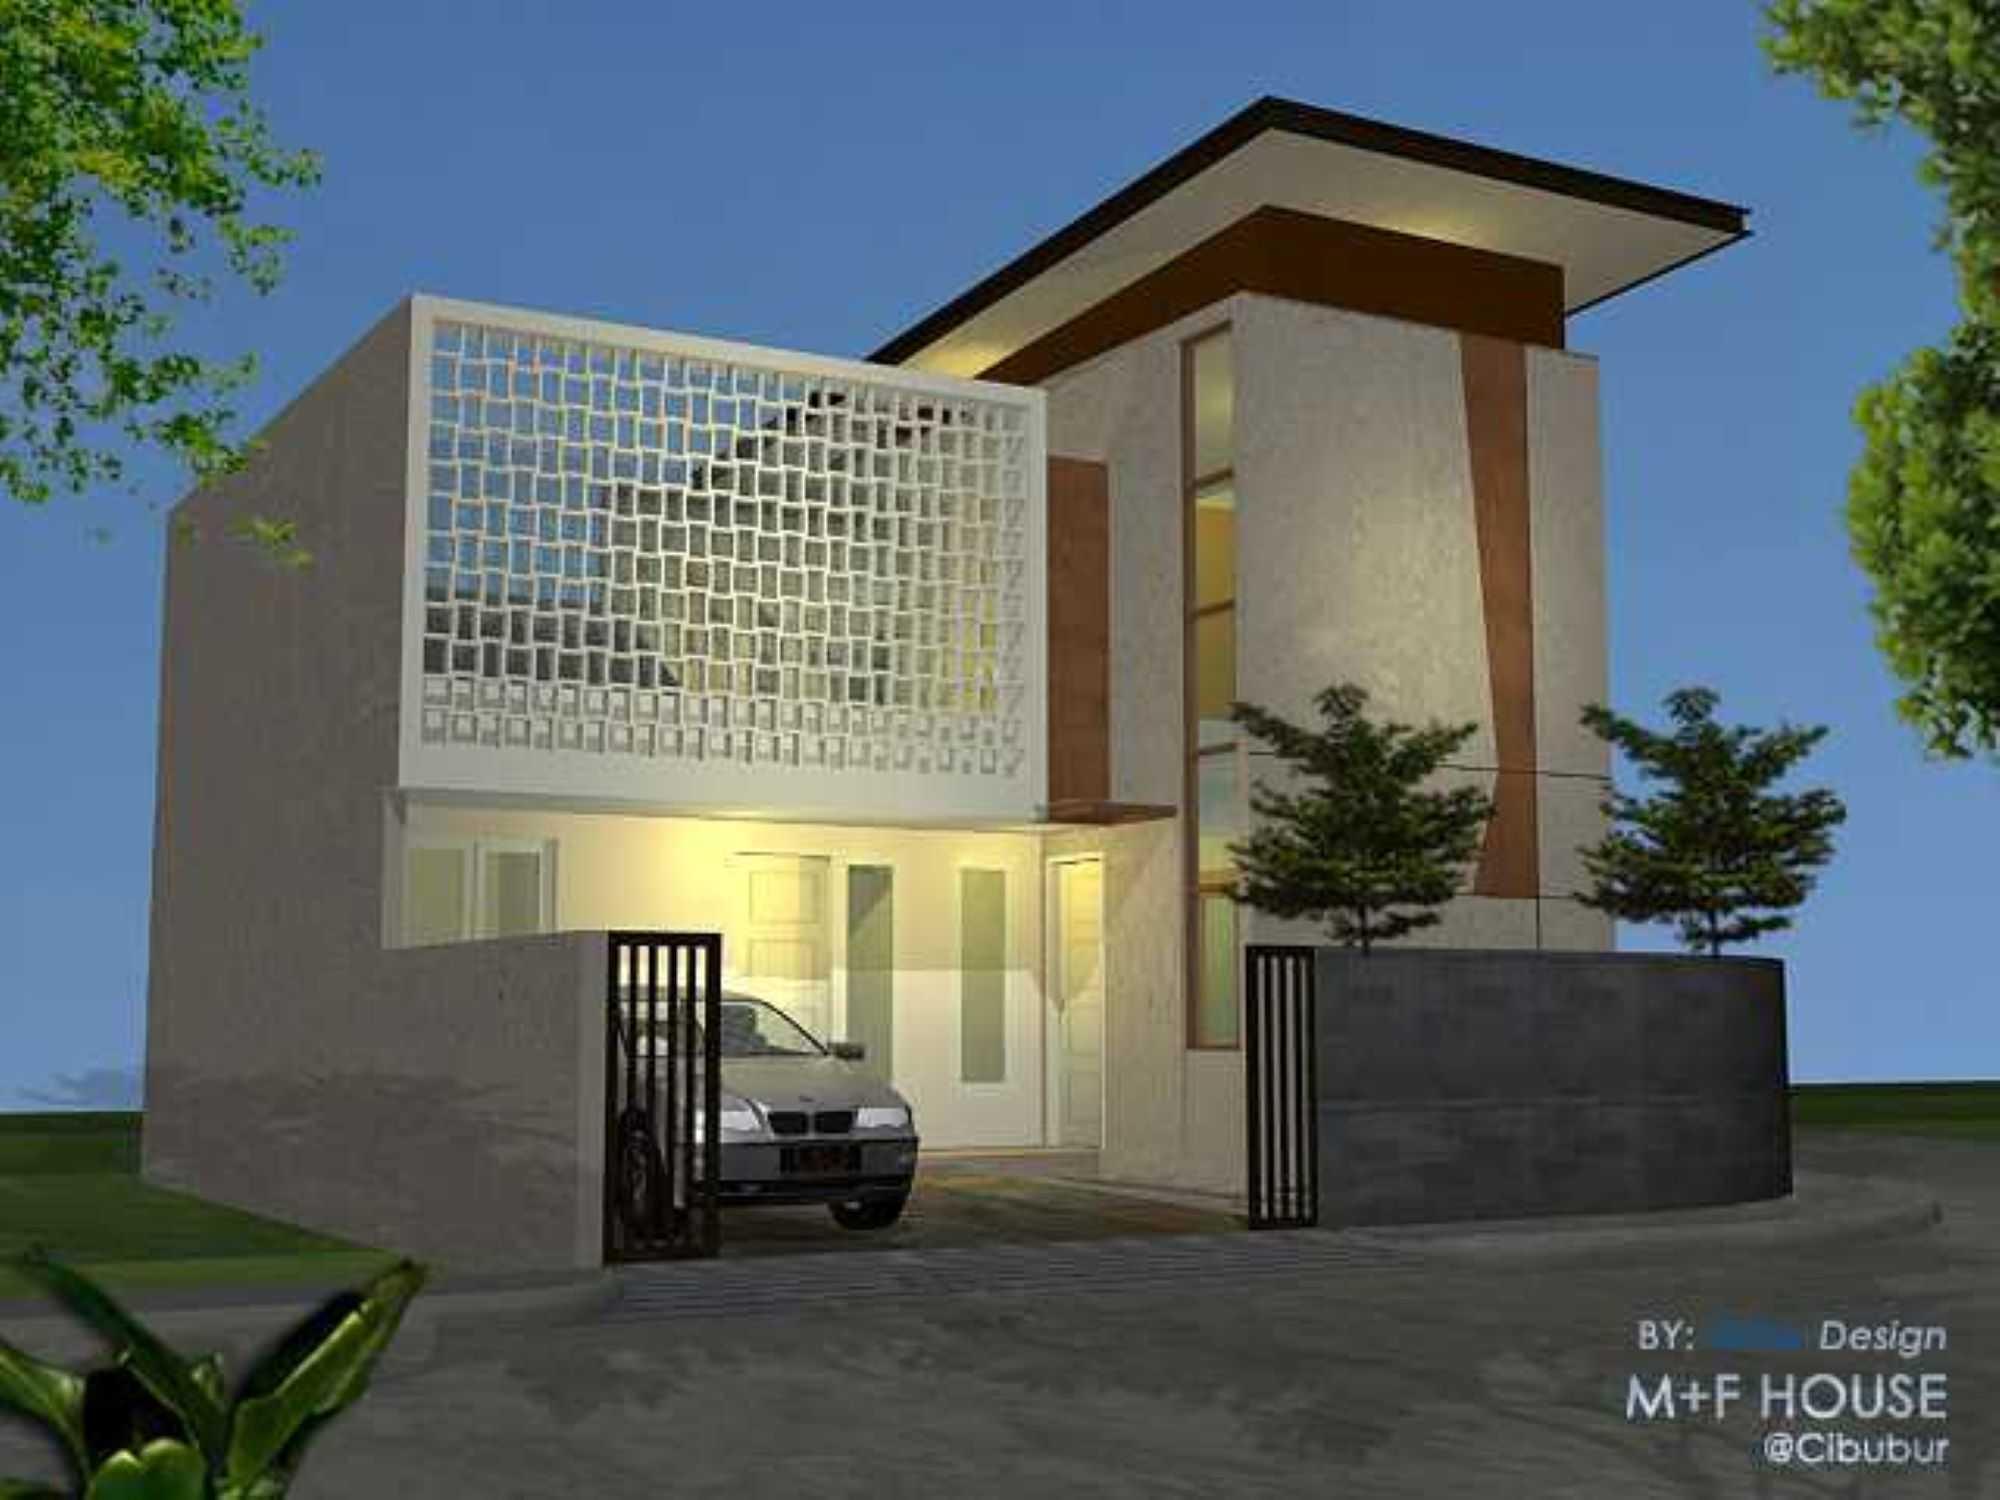 Alfaiz Design M+F House Bekasi, Kota Bks, Jawa Barat, Indonesia Bekasi, Kota Bks, Jawa Barat, Indonesia Alfaiz-Design-Mf-House  102765